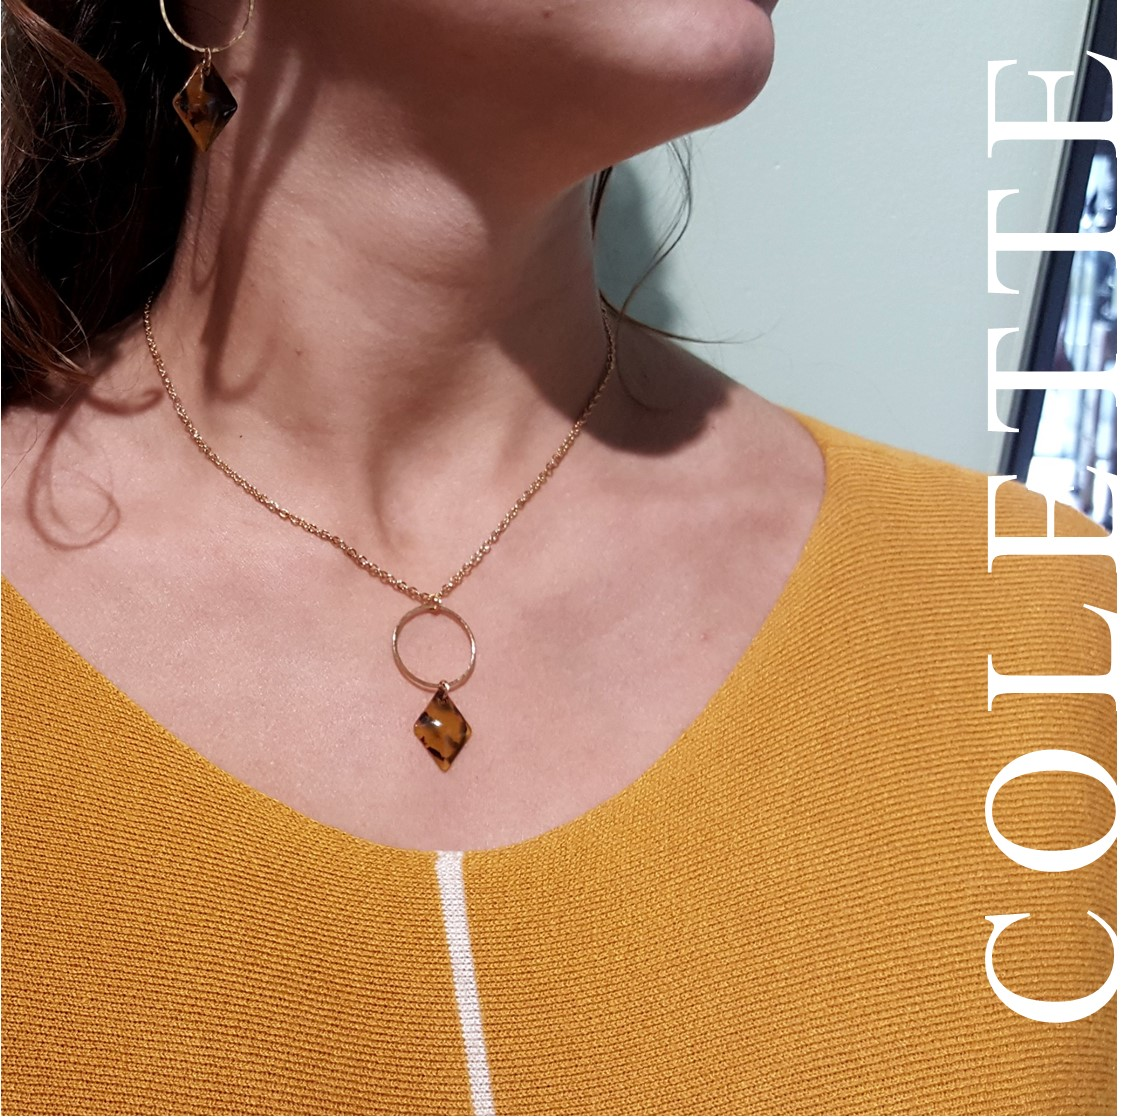 collier vintage losange et rond - acier inoxydable doré - bijoux clermont-ferrand